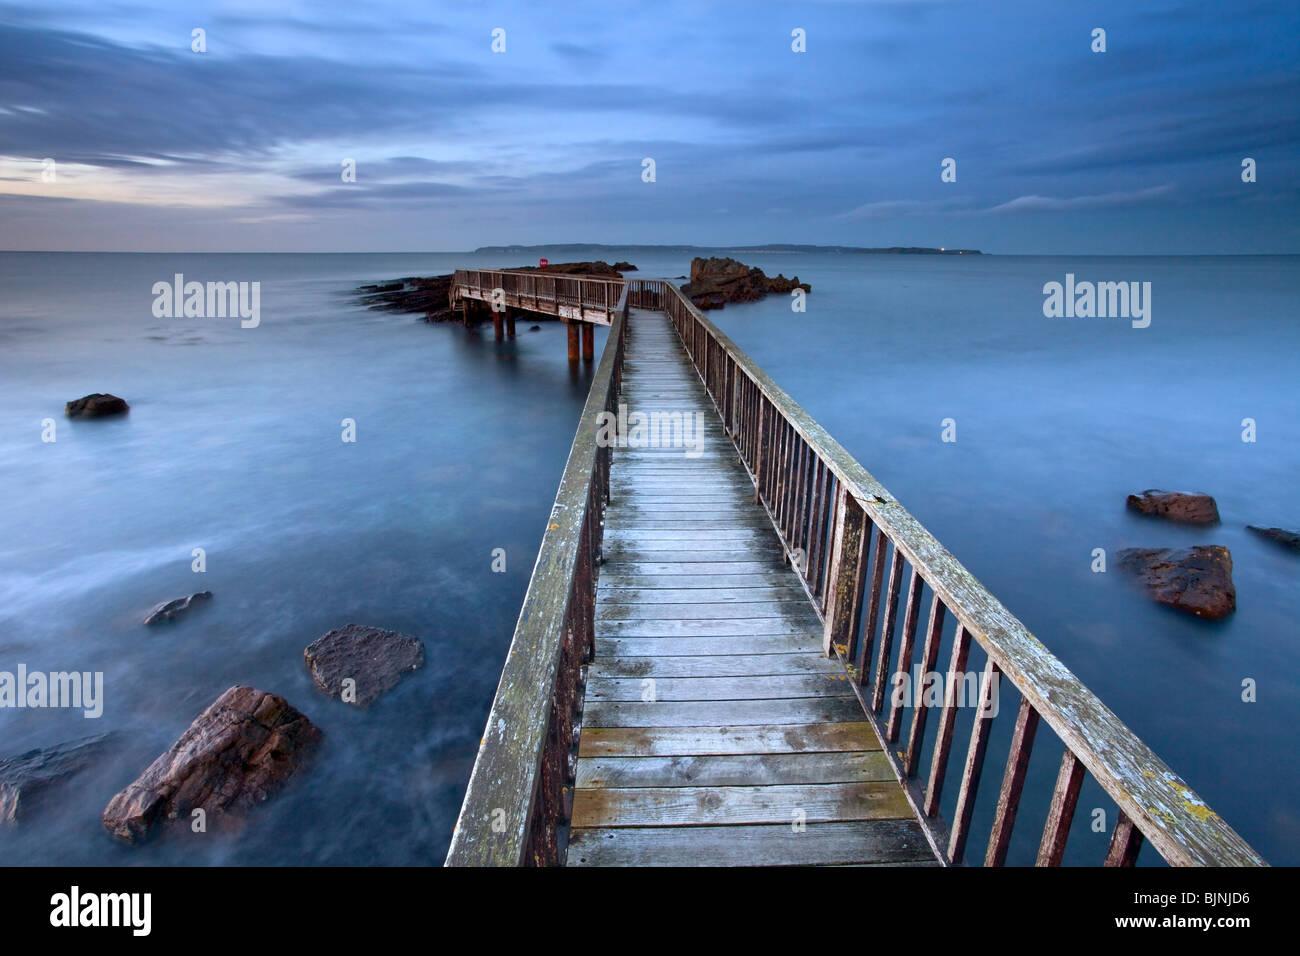 Jetée de casseroles rochers sur la côte d'Antrim. L'Irlande du Nord. Photo Stock